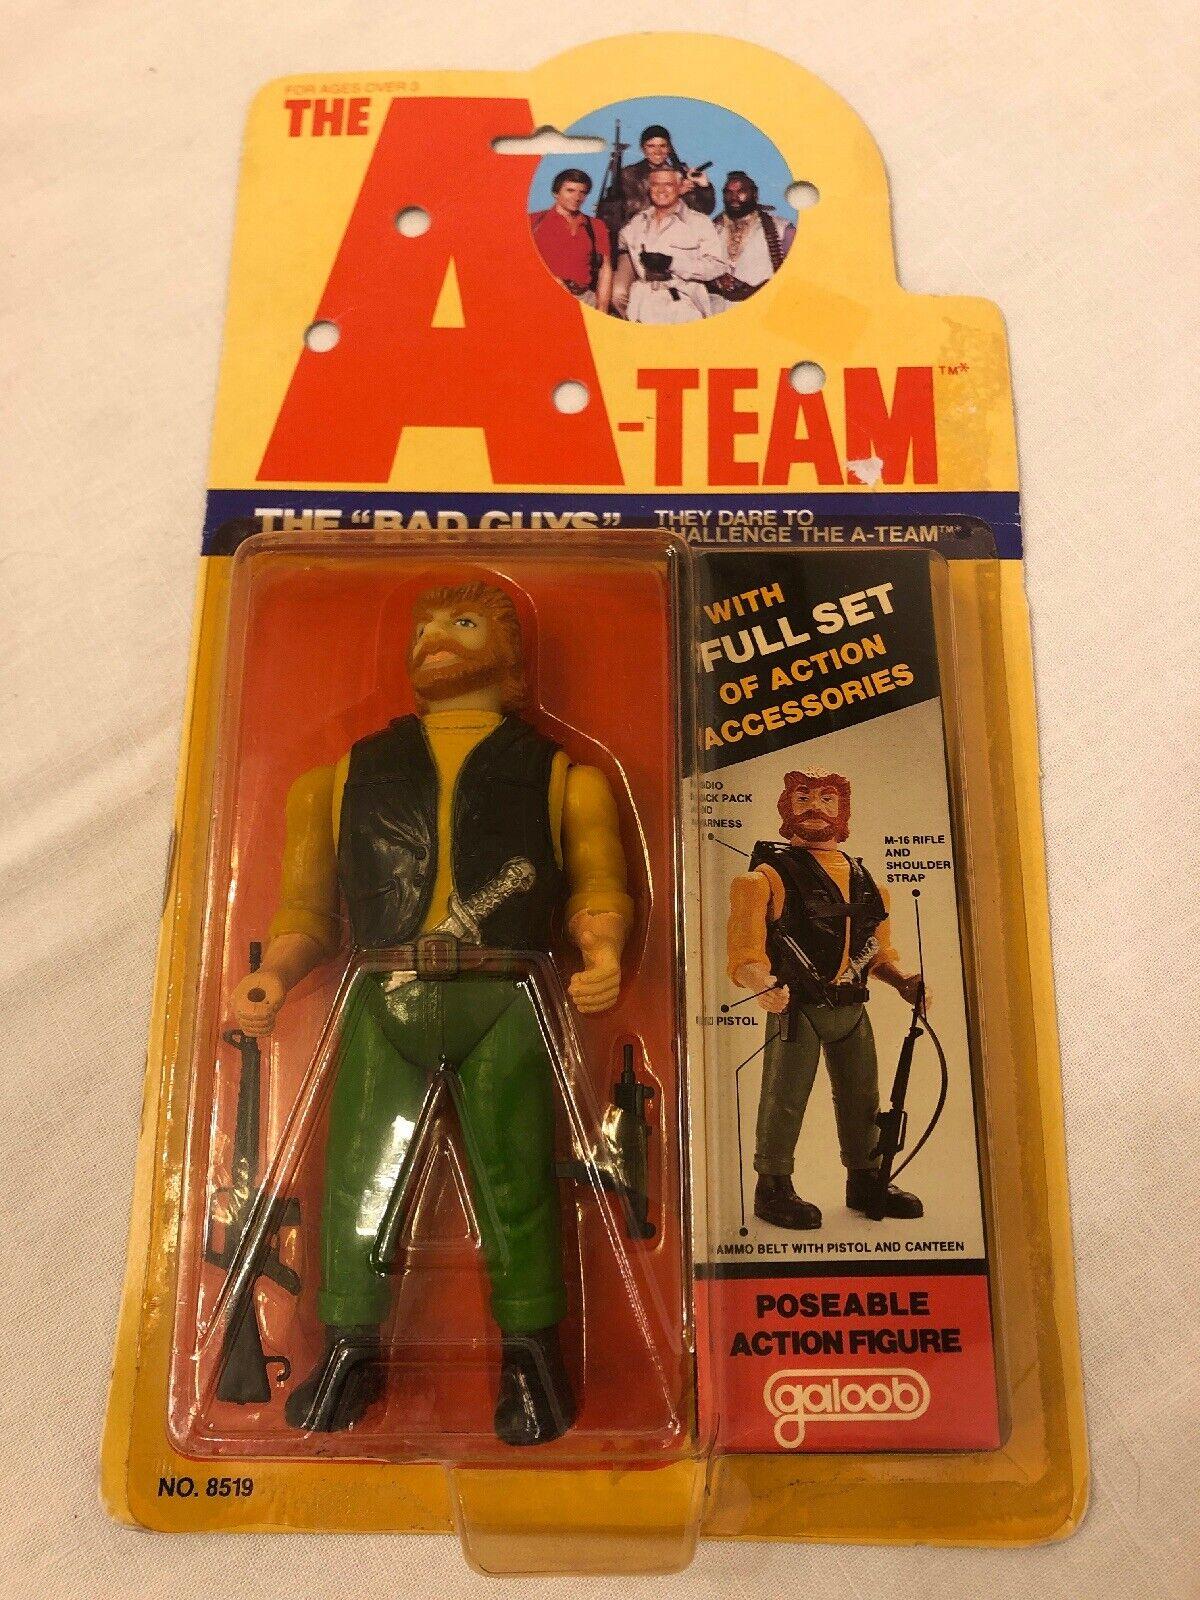 Galoob 1983 A-Team Acción Figura Vintage Moc los malos Viper francotirador Barba Roja